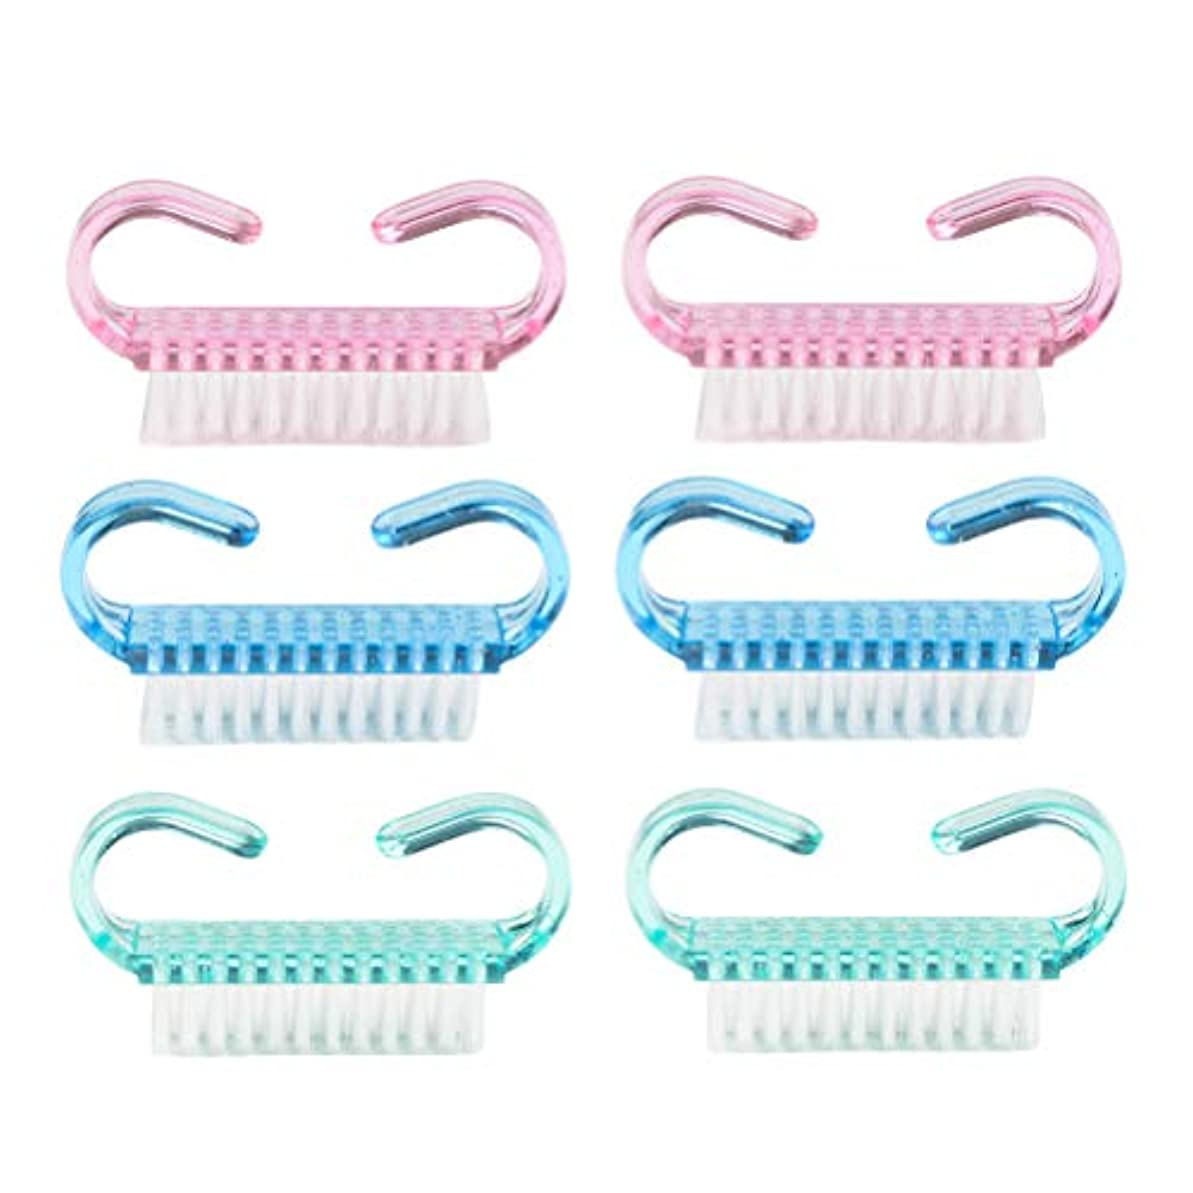 韓国言い聞かせる失態Frcolor ネイルブラシ 爪ブラシ カラフル 手洗い ブラシ 快適 6個セット ランダム色